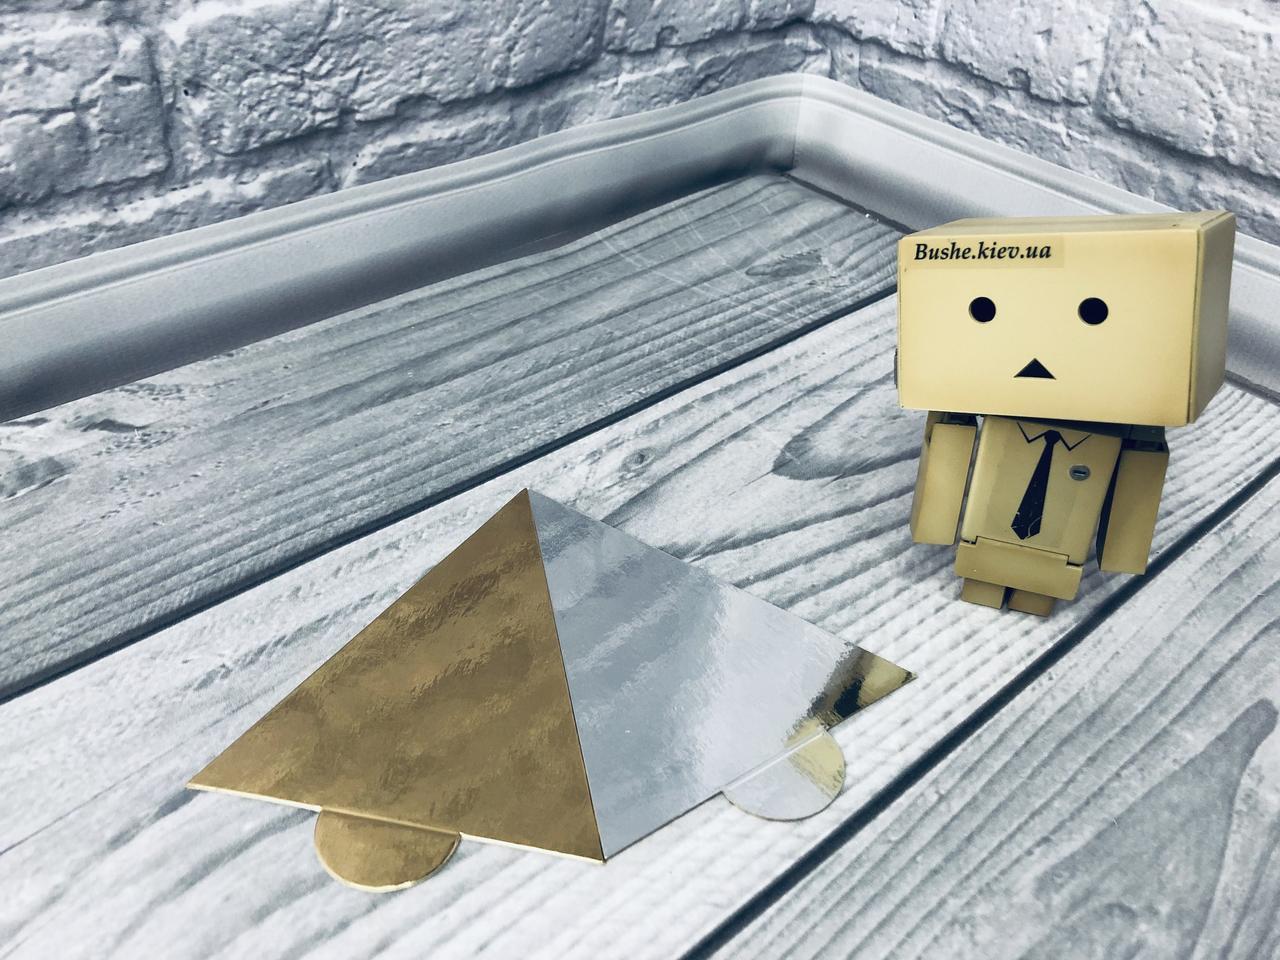 *100 шт* / Подложка под пирожное 11х9см-РУЧ, Золото-серебро, 110х90мм/мин 100 шт